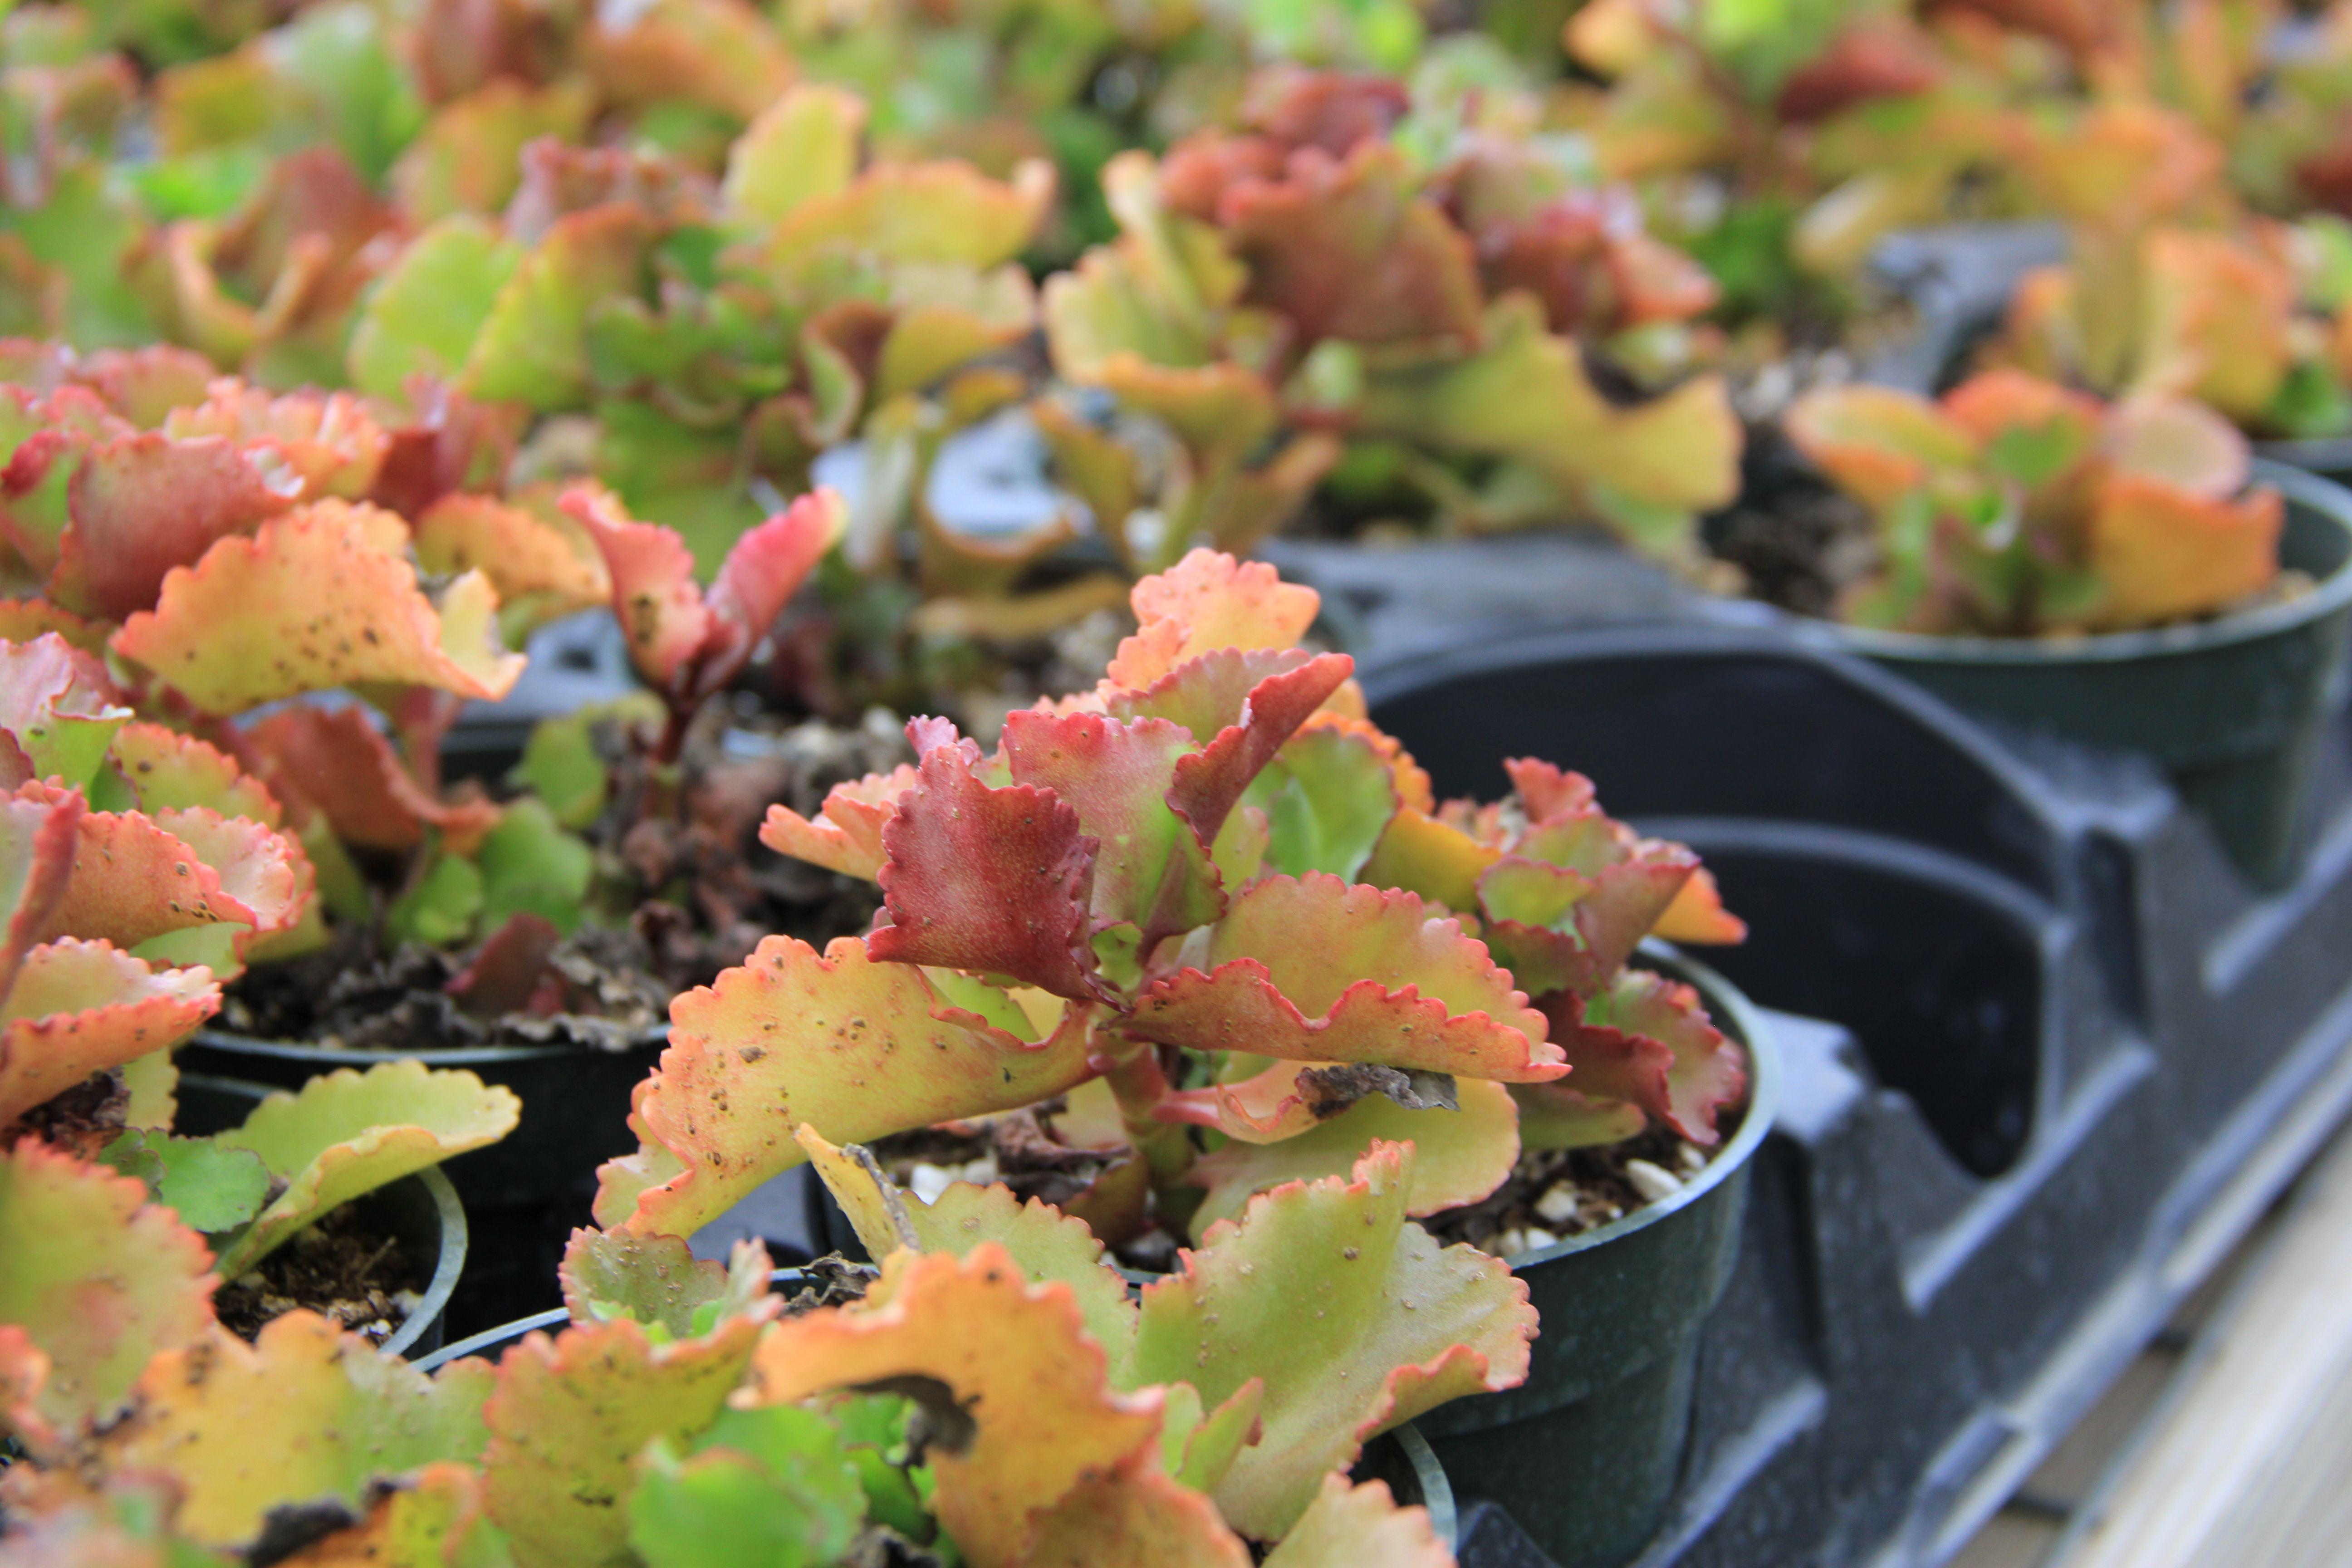 Kalanchoe Longiflora Coccinea Plant for Sale